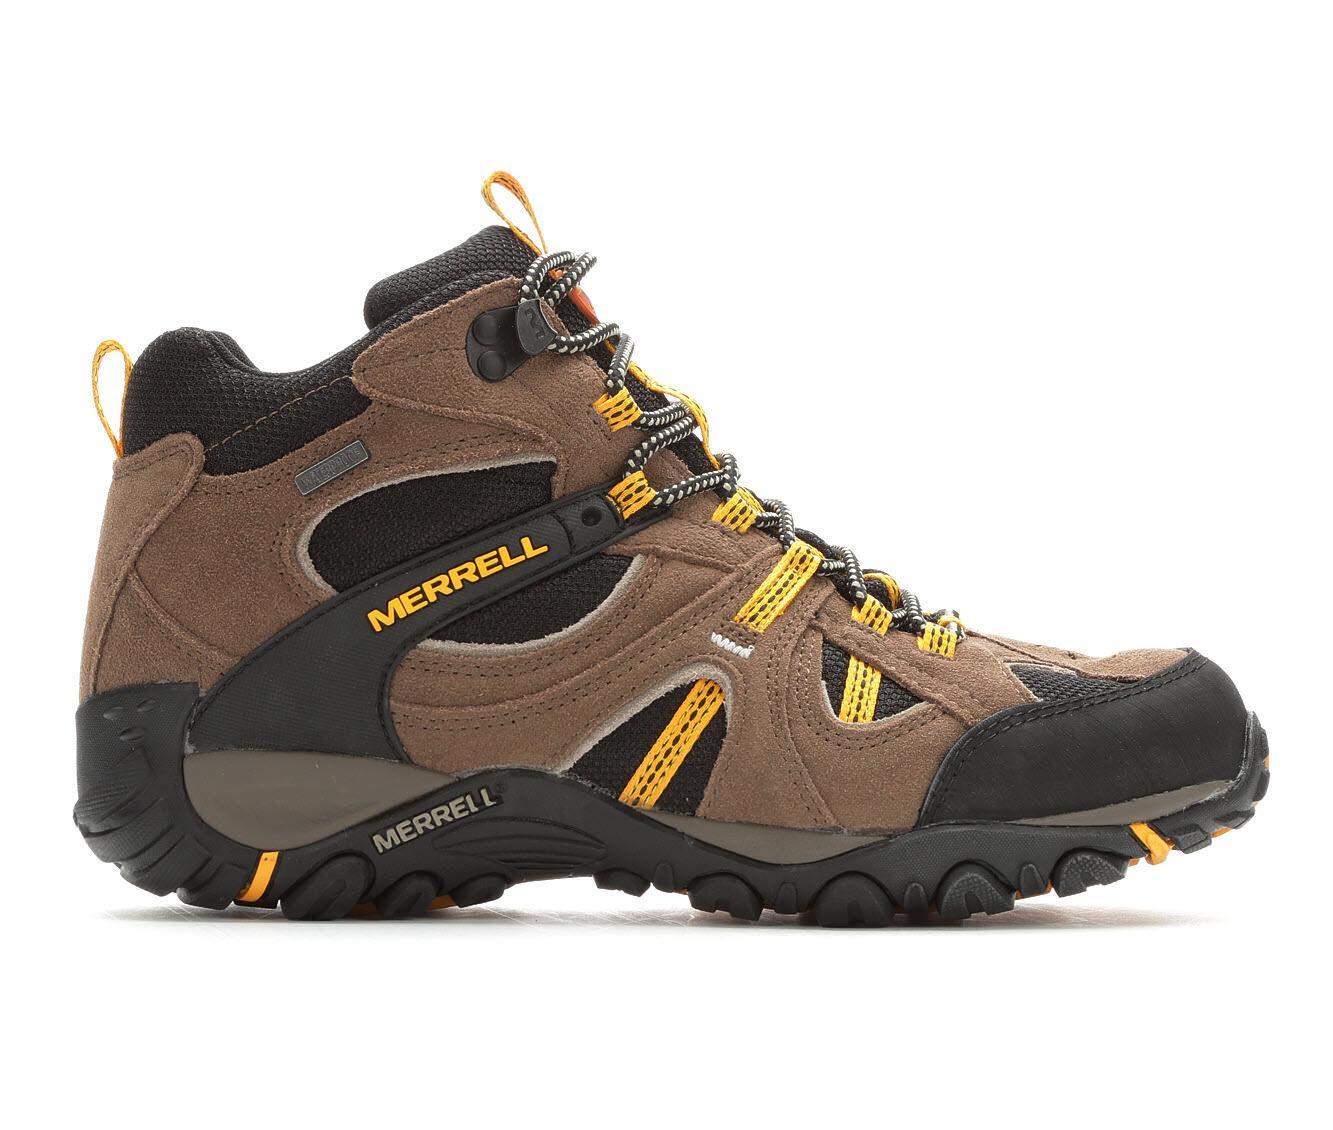 Men's Merrell Yokota Trail Mid Waterproof Hiking Boots